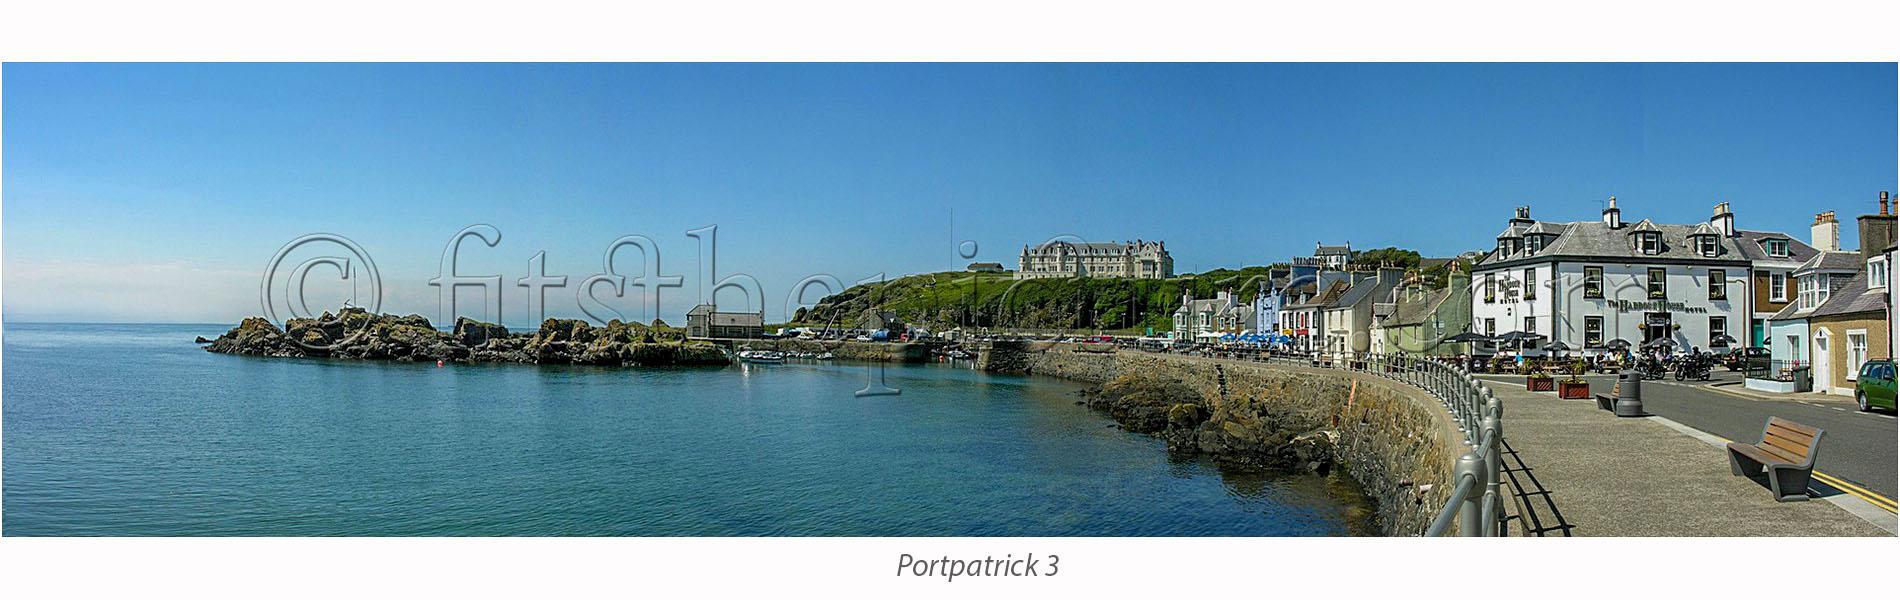 portpatrick_3.jpg